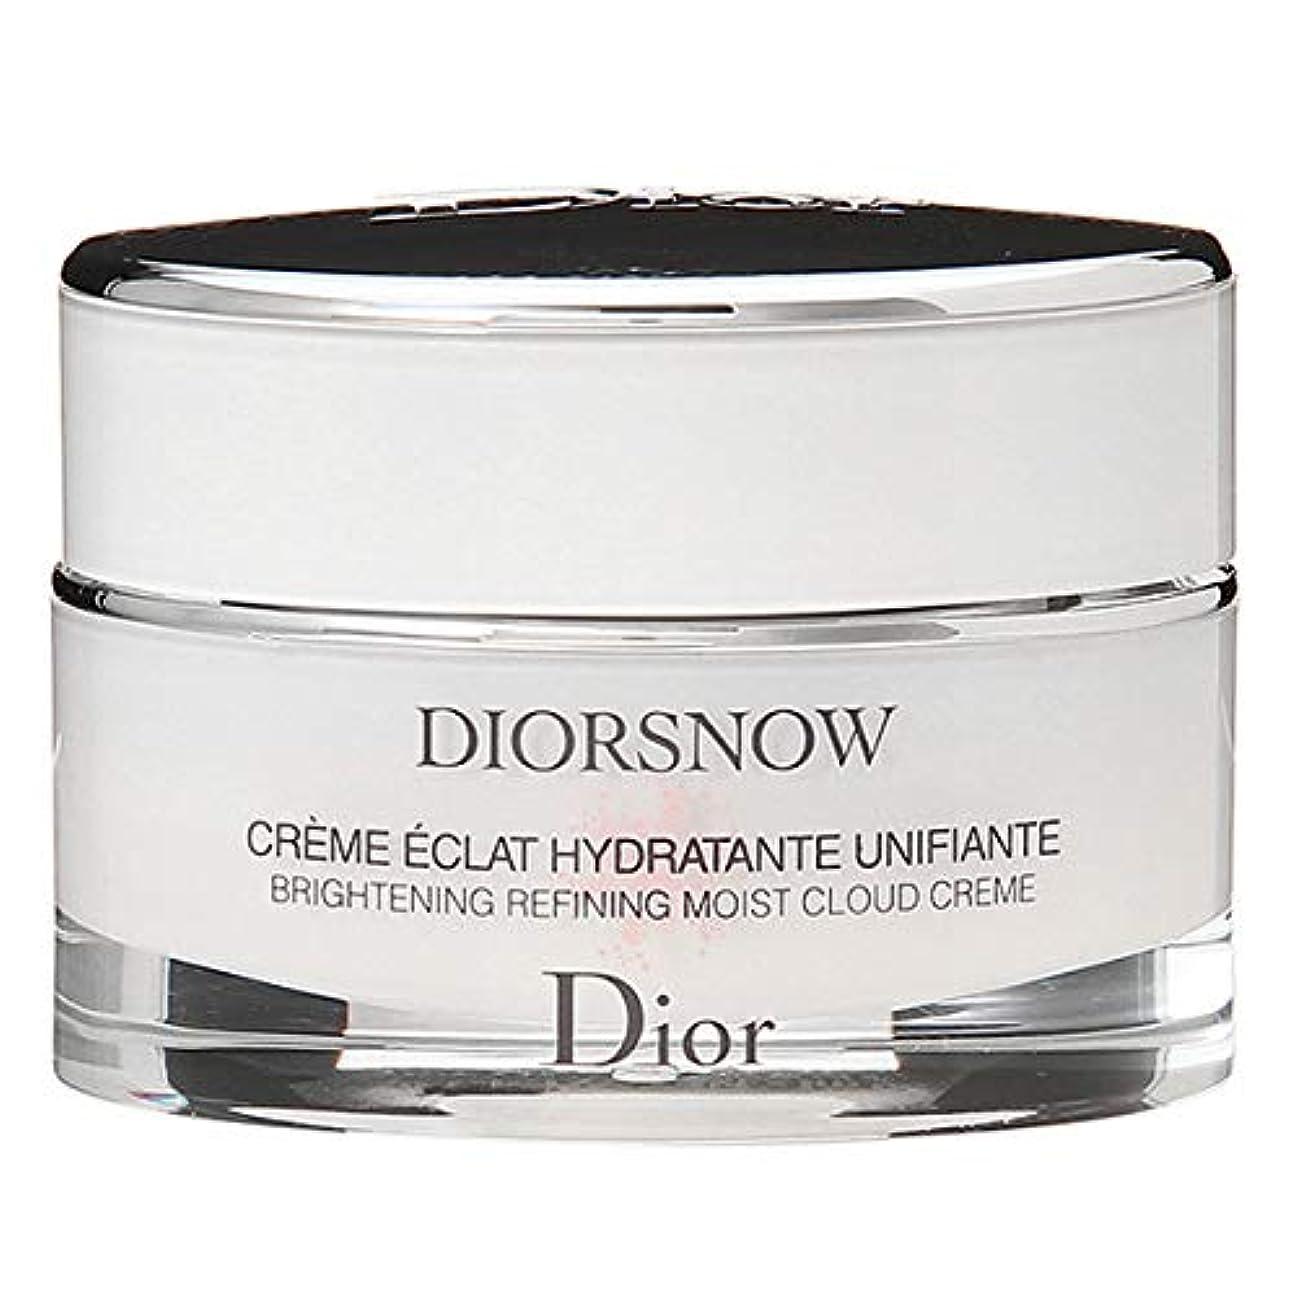 熱狂的な日の出請願者クリスチャンディオール Christian Dior ディオール スノー ブライトニング モイスト クリーム 50mL 【並行輸入品】